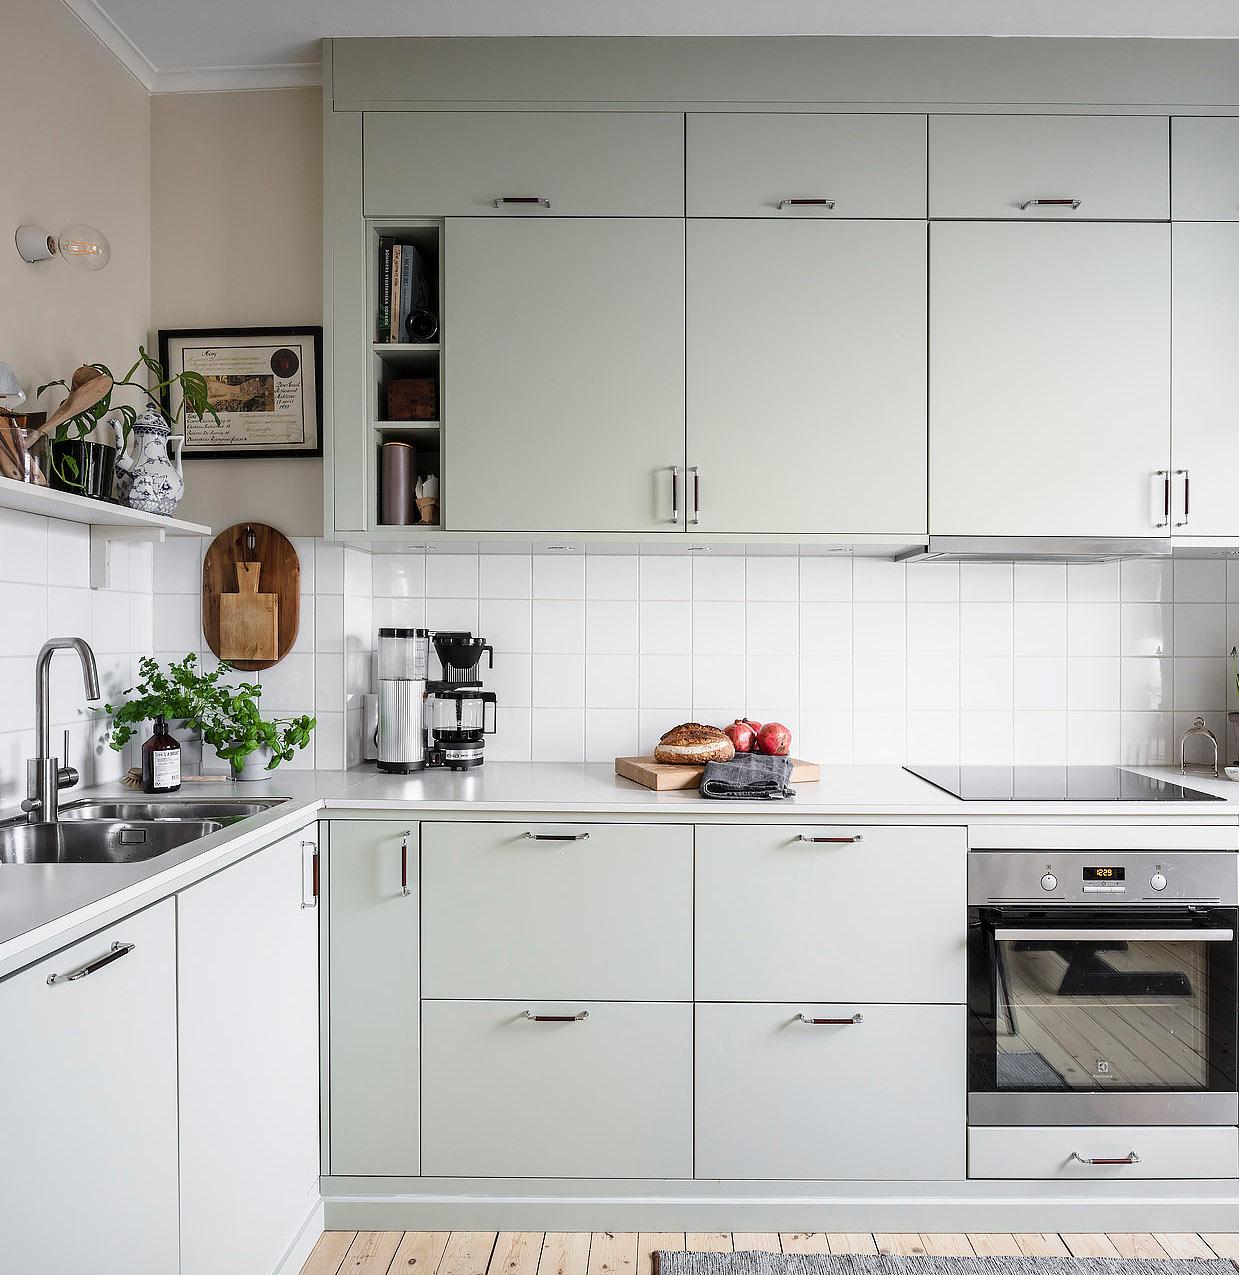 papier peint cuisine vert jade rose pastel mobilier parquet bois - blog déco - clem around the corner